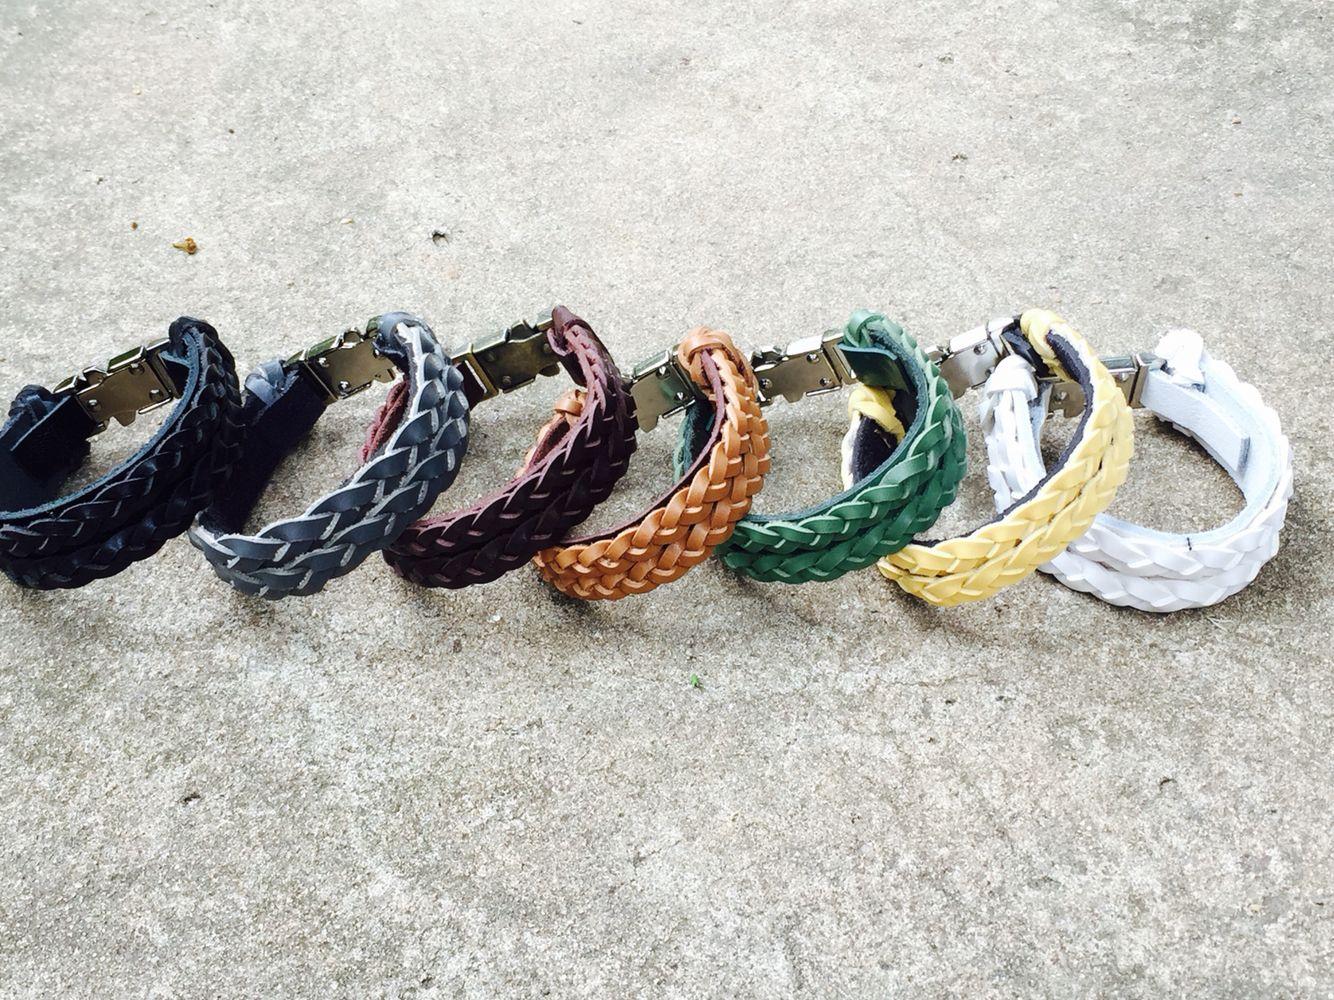 Kit com 7 pulseira em couro trançado com fecho em click. De R$244,00 por R$200,00 reais. Ou cada pulseira por R$35,00 reais. Visite nossa loja virtual www.wpaiva.com